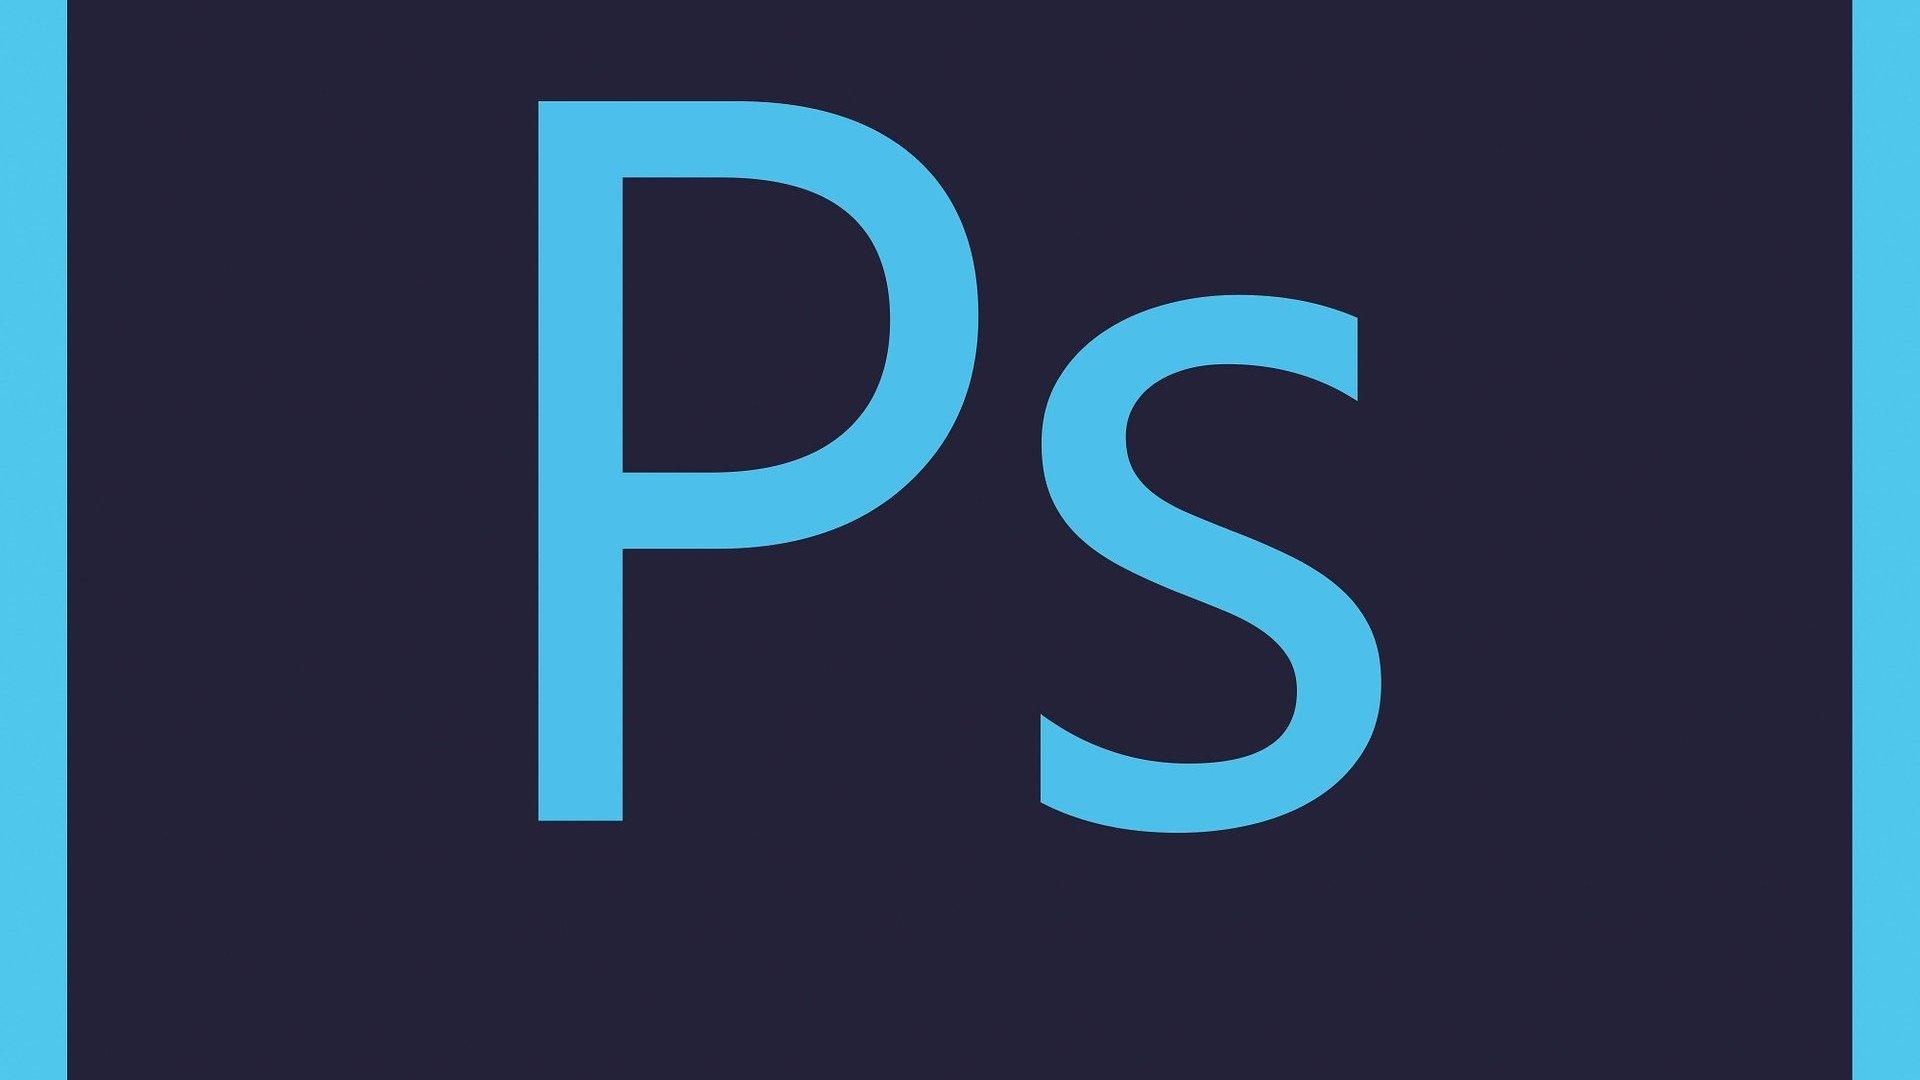 Adobe Photoshop avis et présentation du logiciel